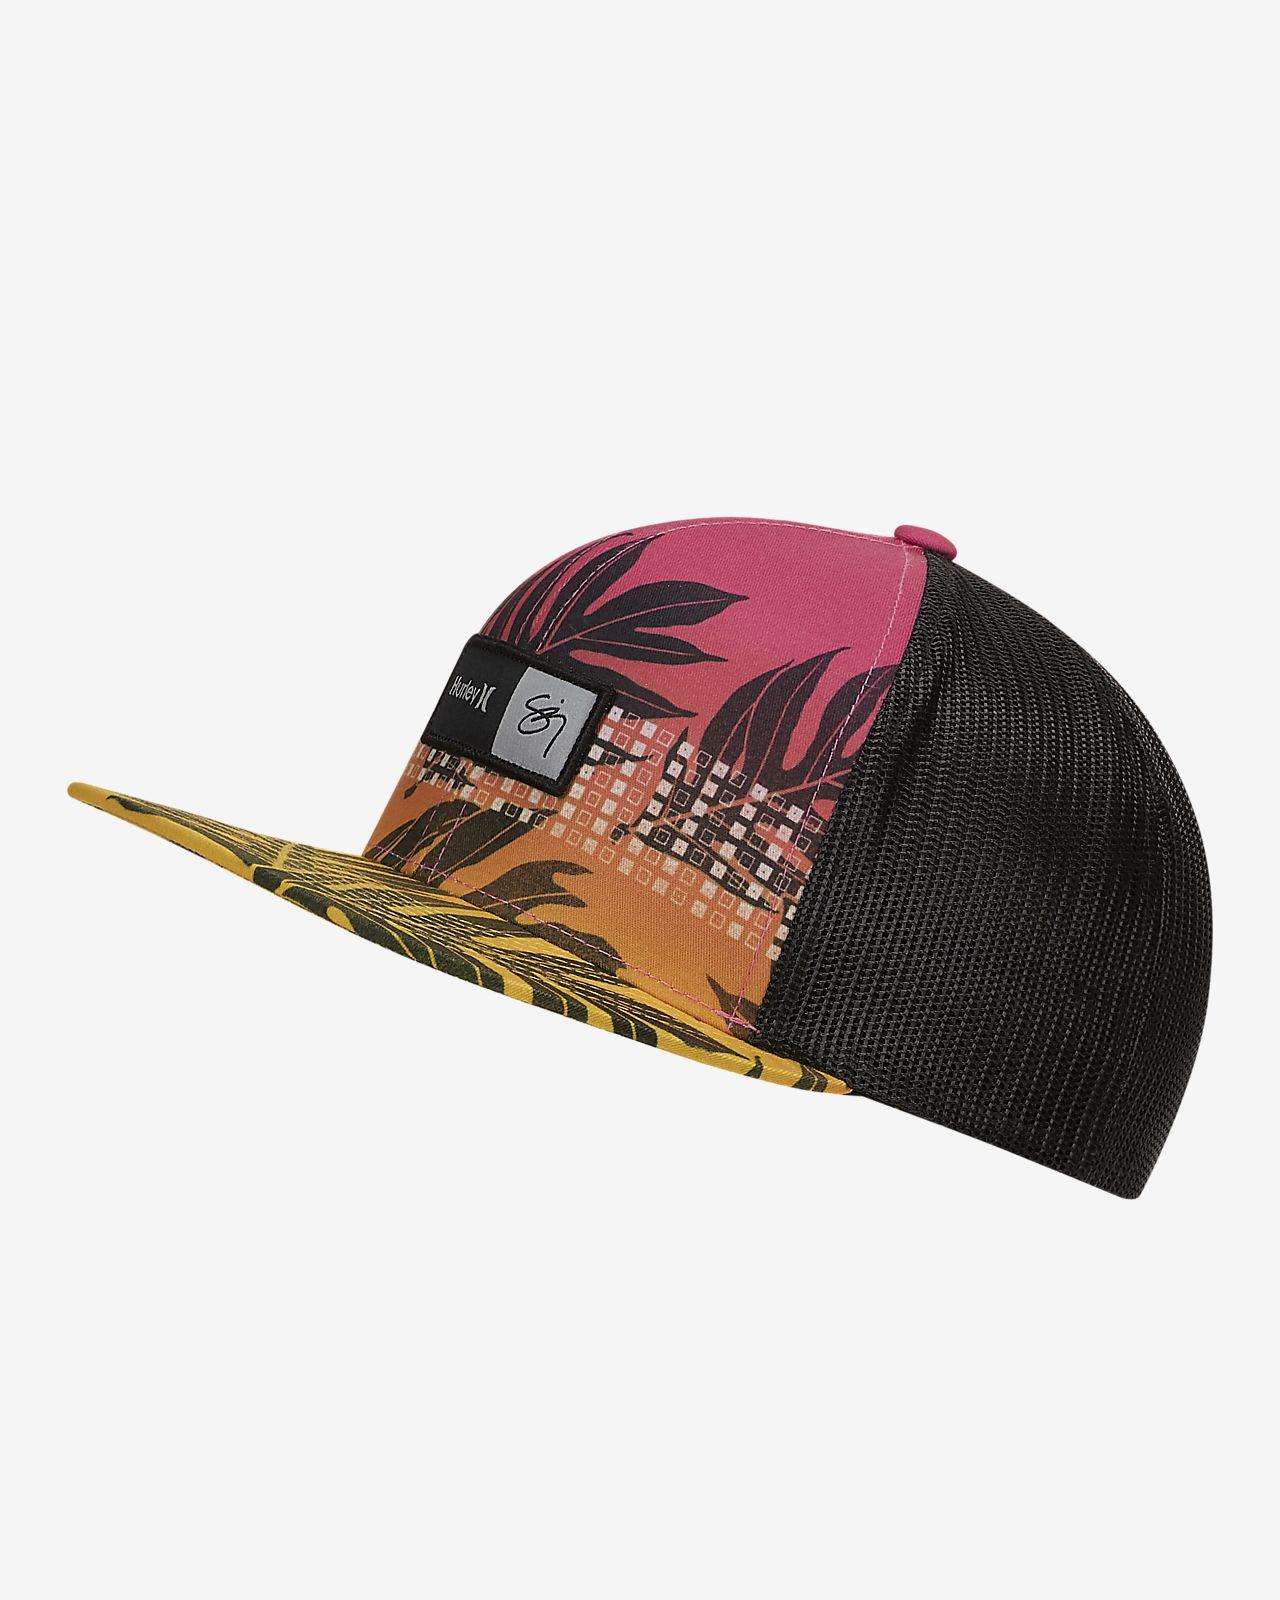 Hurley Sig Zane Moorea Men's Hat